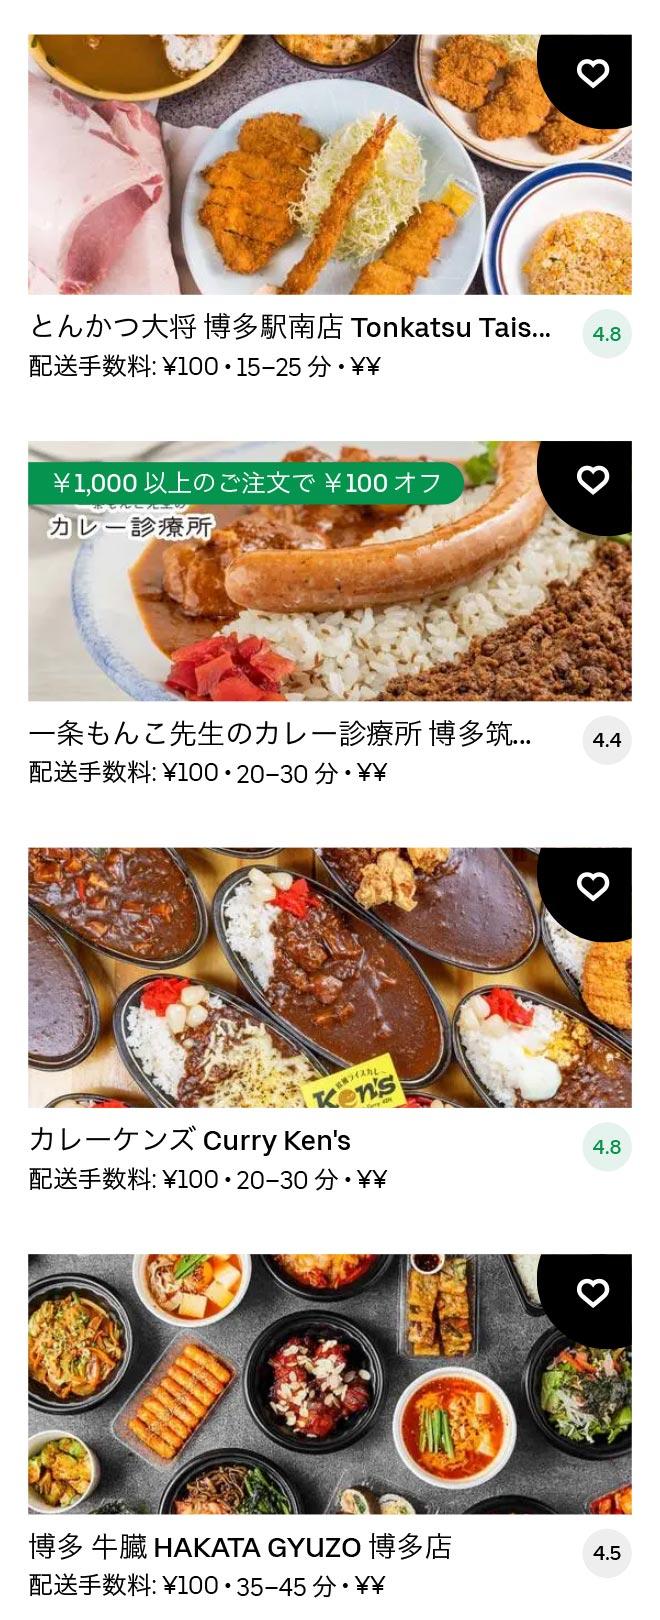 Higashi hie menu 2101 10